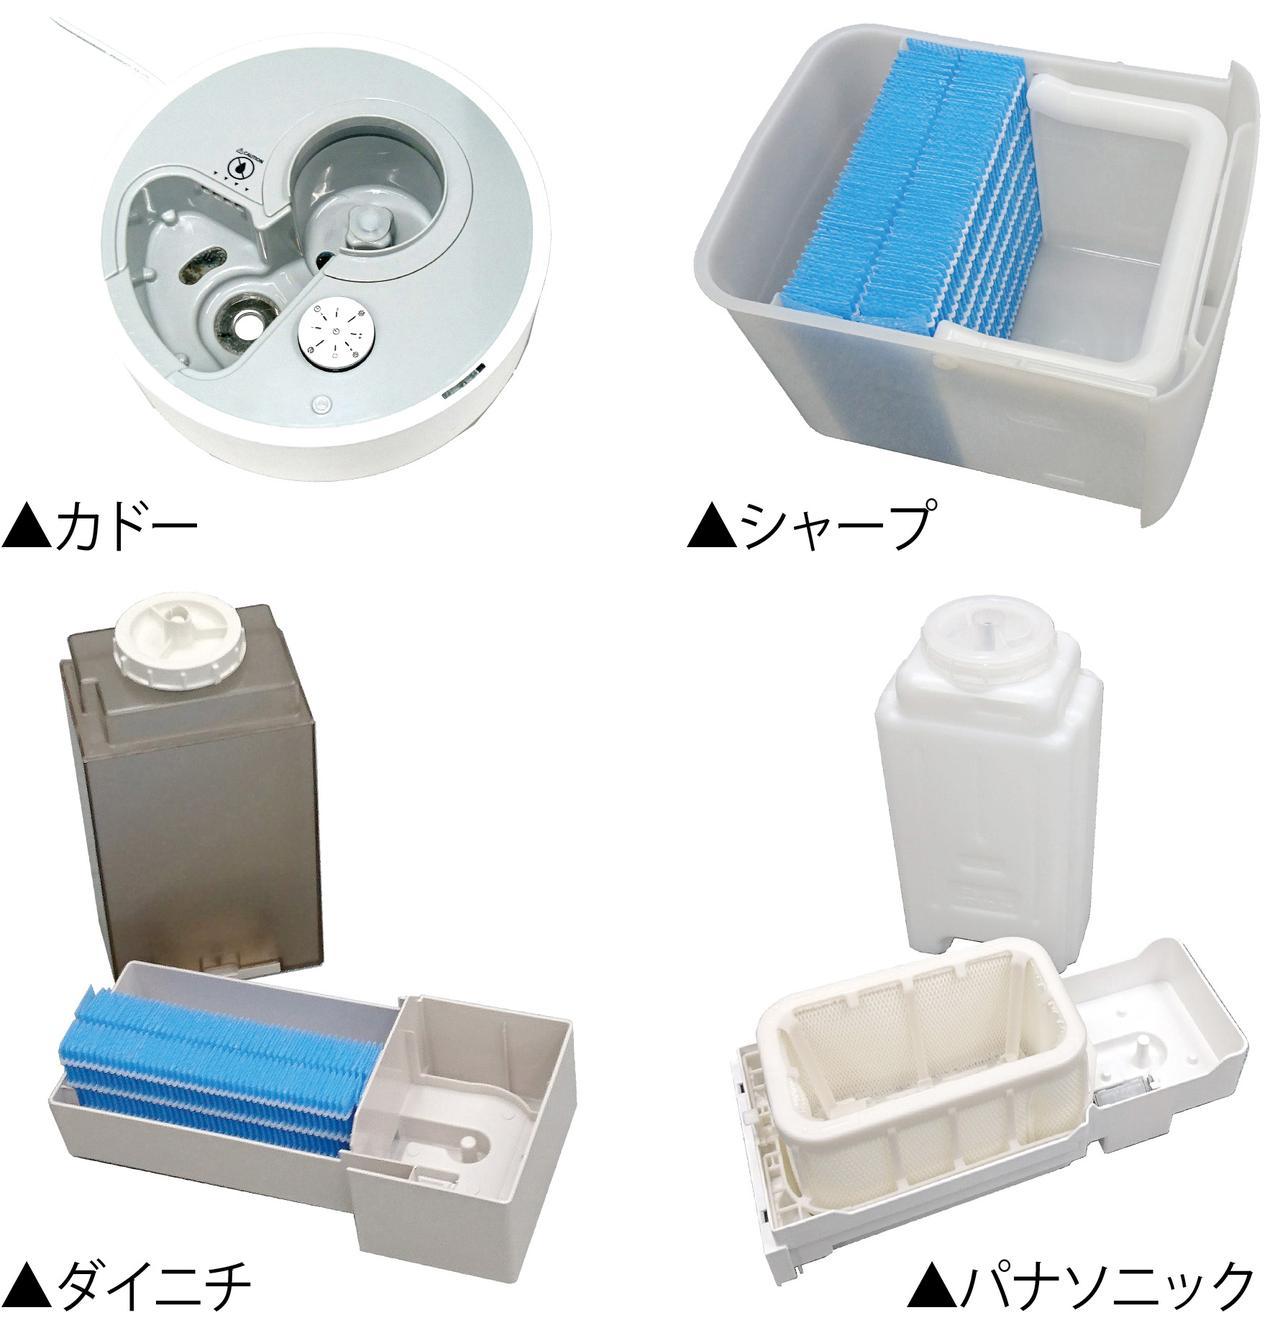 画像2: 加湿器選びのチェックポイント